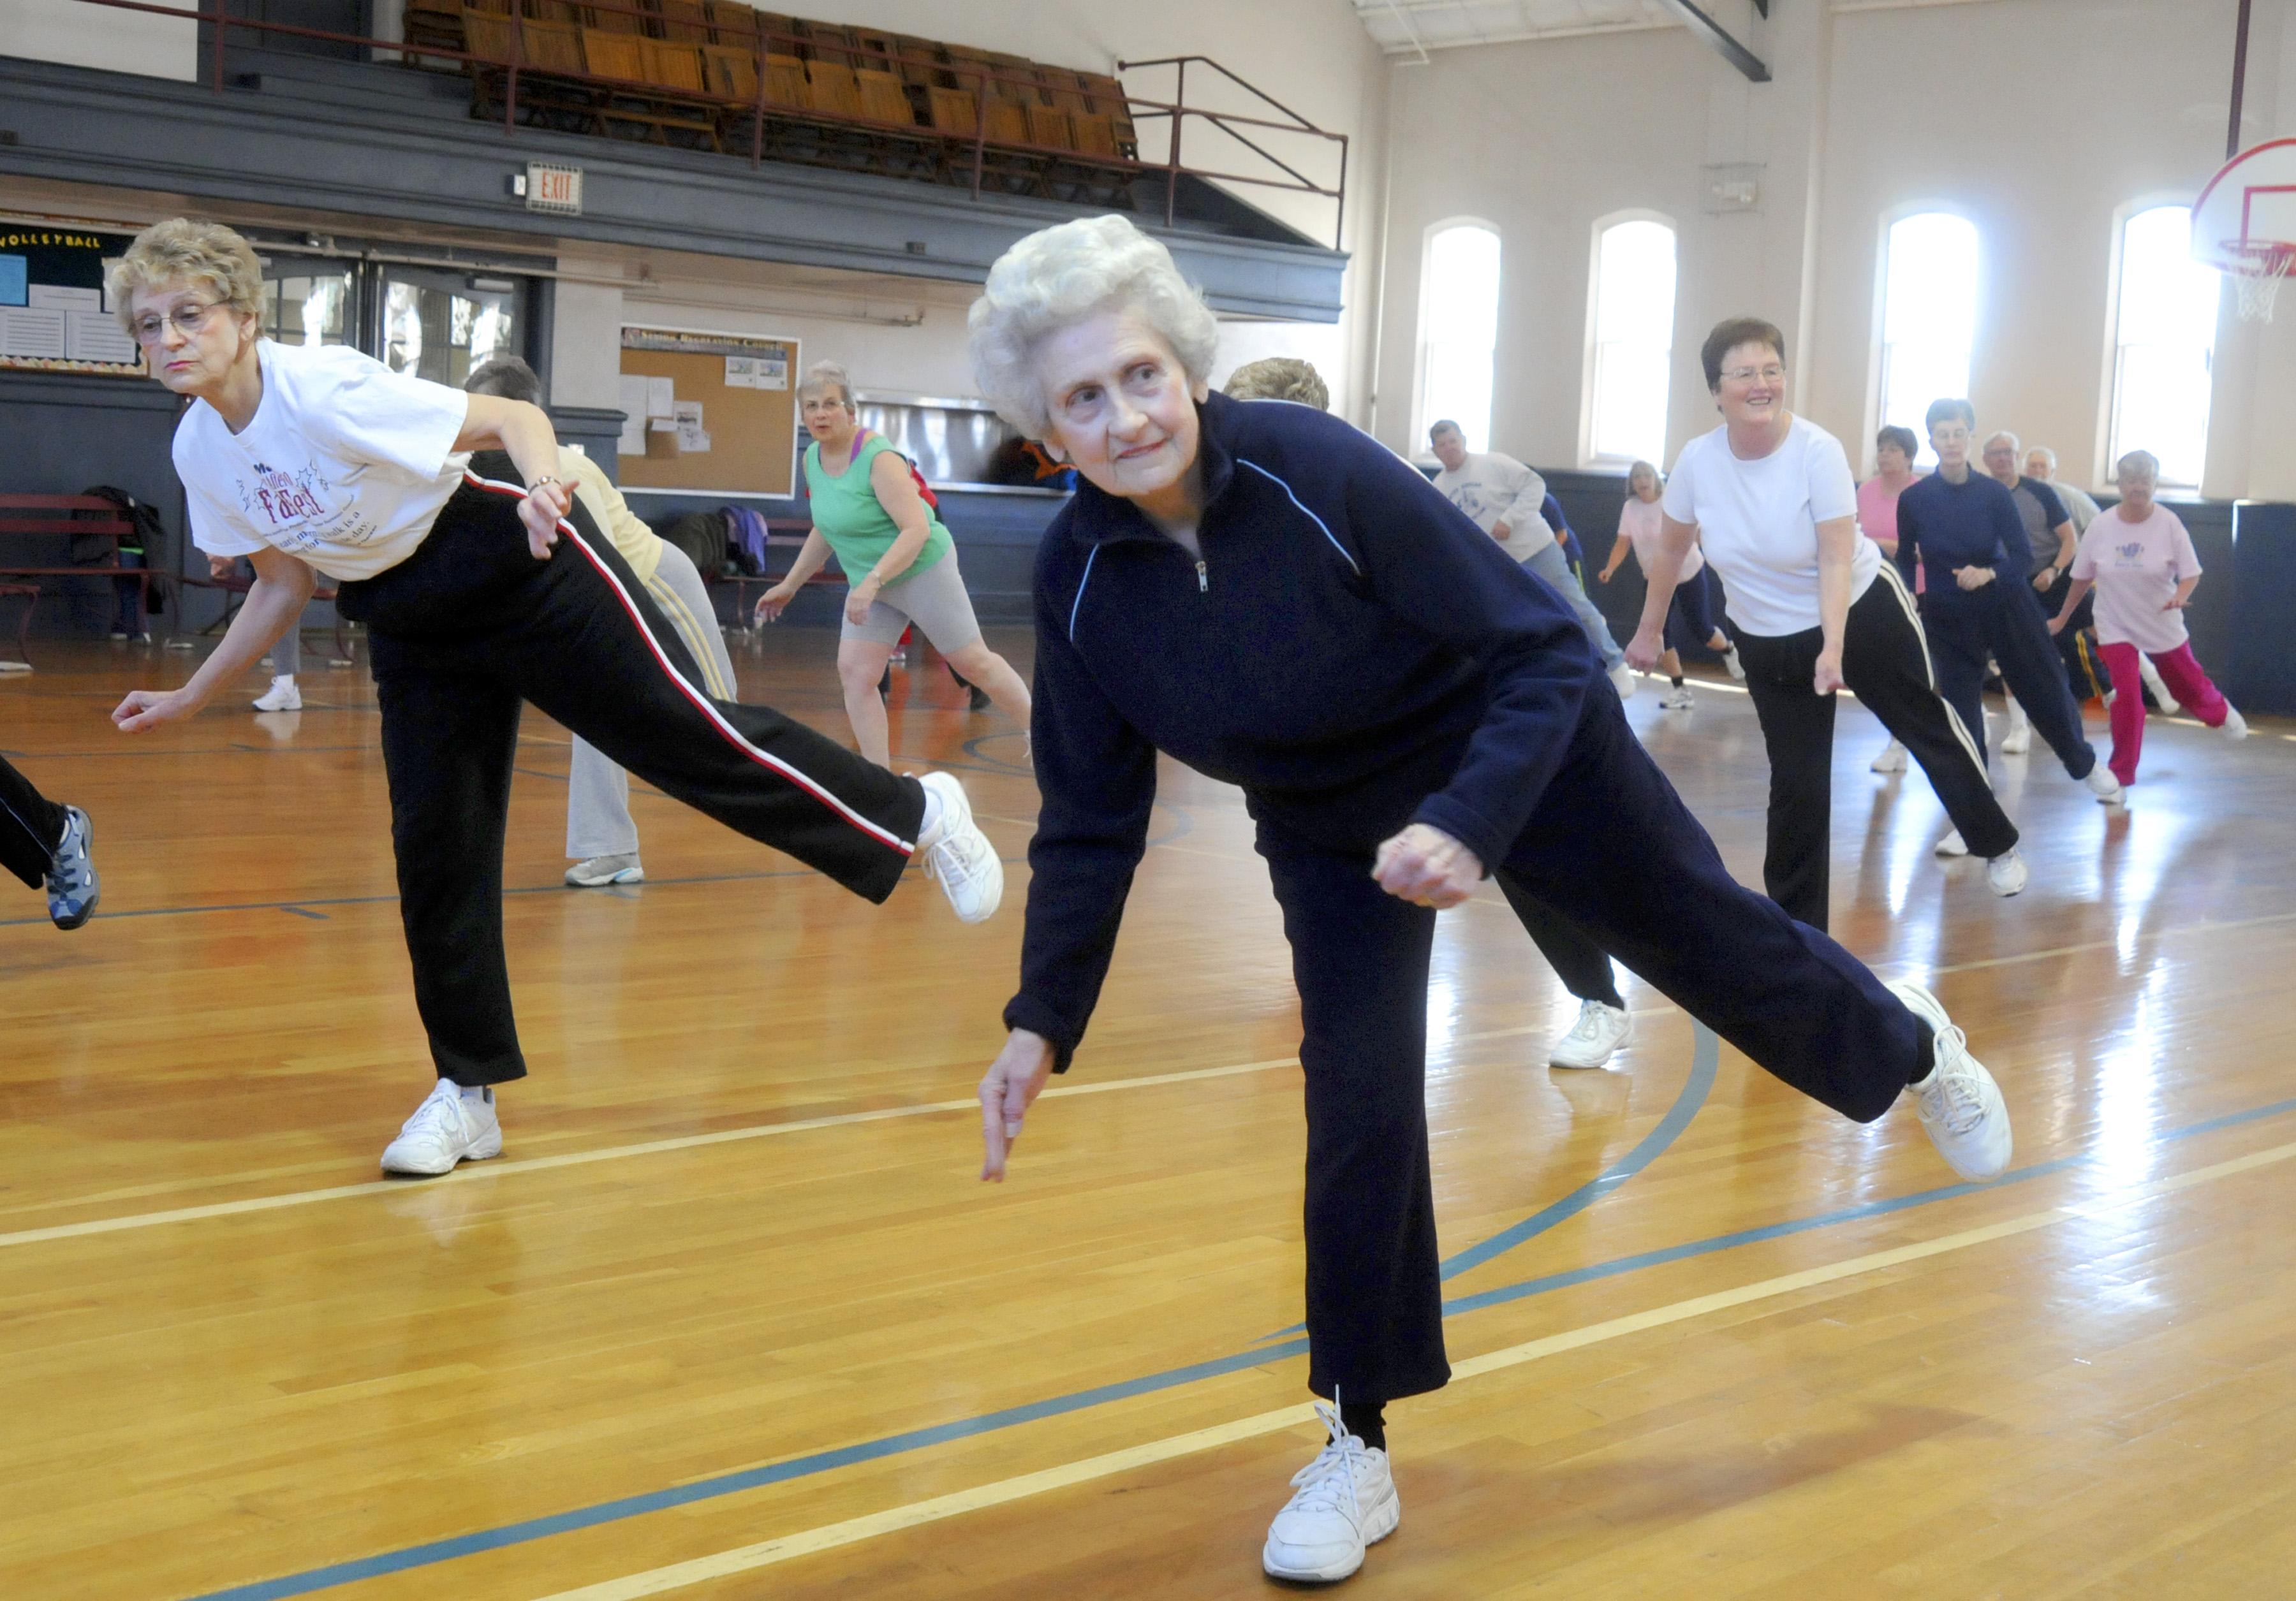 Exerciții aerobice de întindere și flexibilitate, Foto: belezabemestar.com